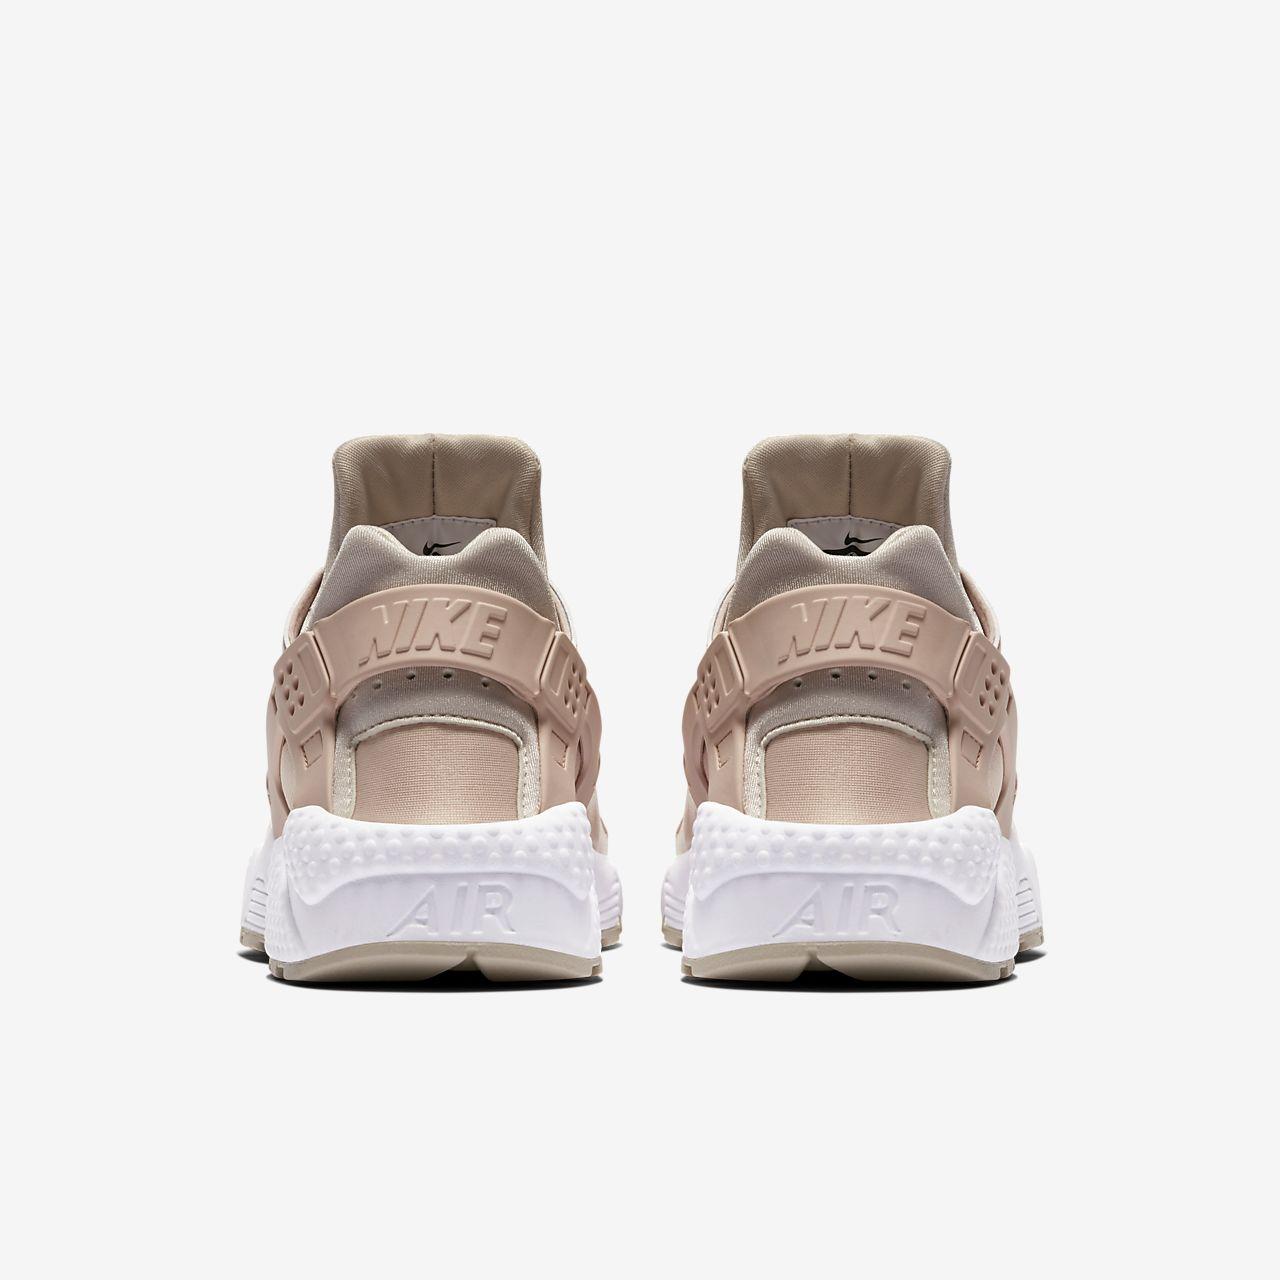 Youth Air Huarache Lv Blanco Get Nike Zapatos 7f0ad E92ca 4ARc3jL5qS